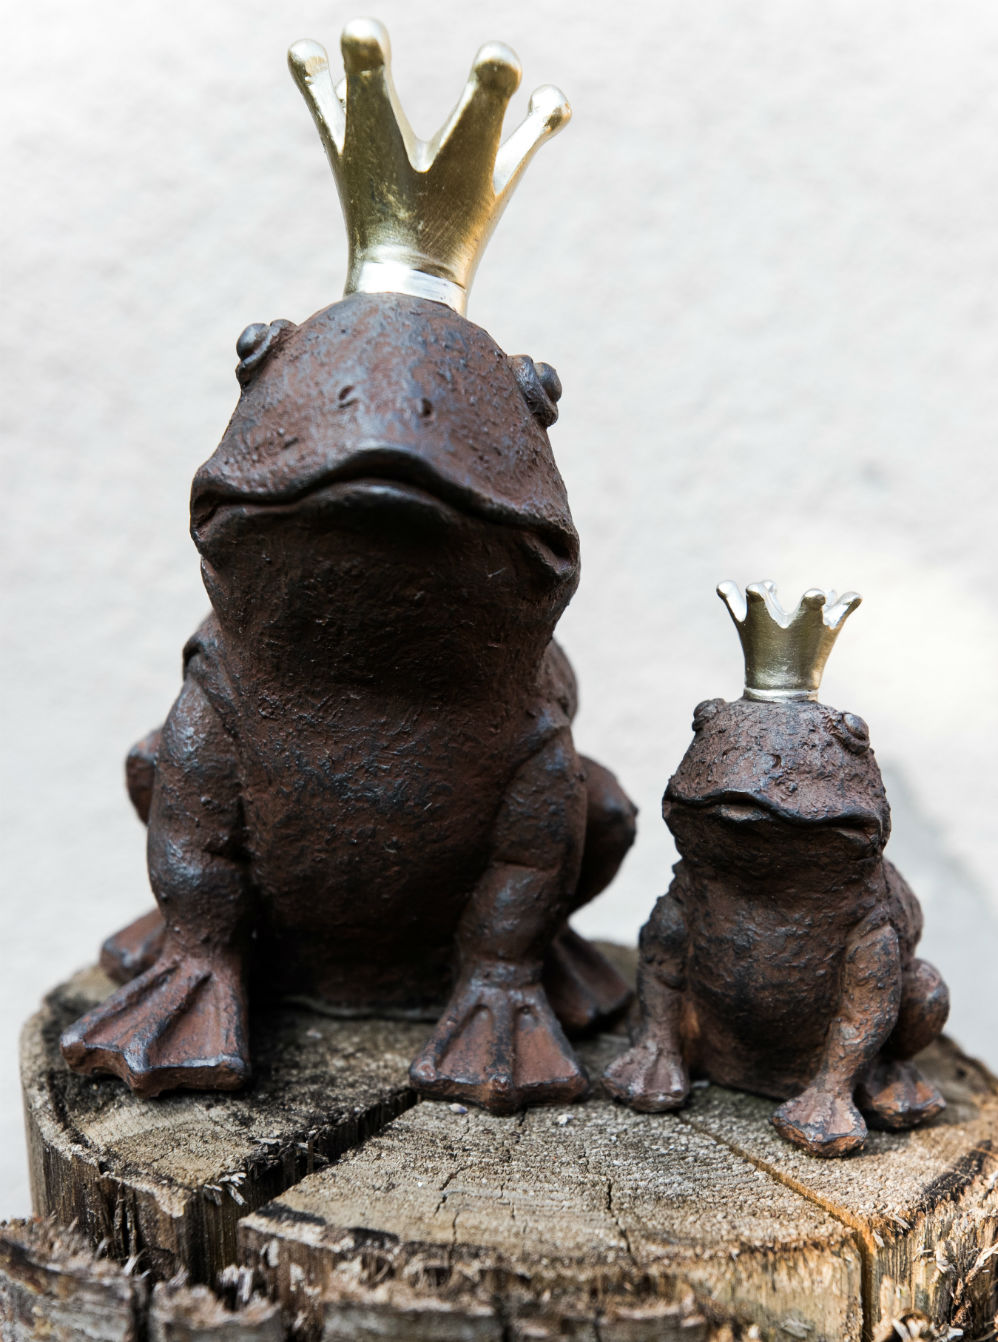 Die süssen Frosche warten auf die Hochzeitsgesellschaft